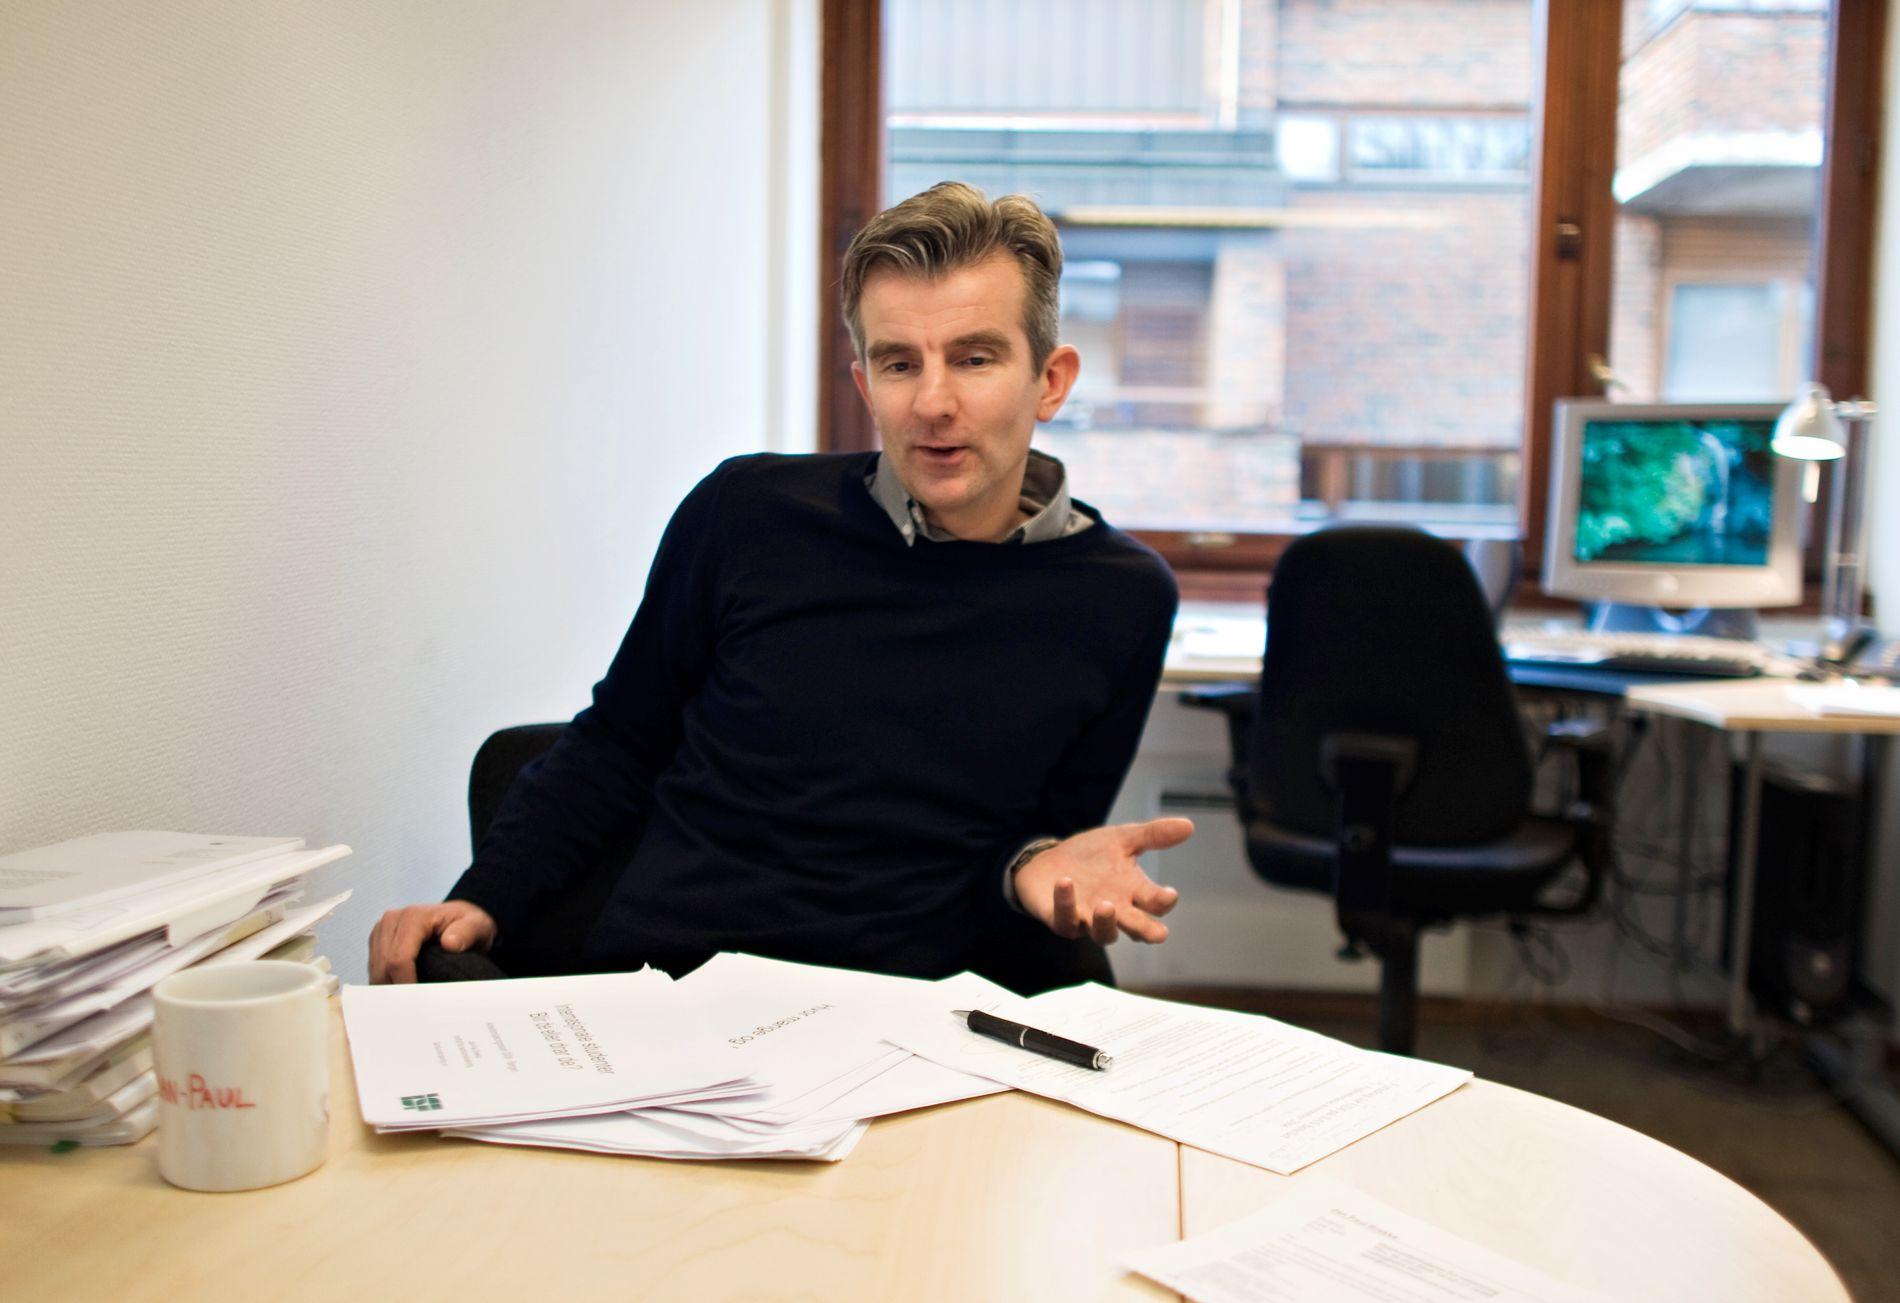 MIGRASJONSFORSKER: Jan-Paul Brekke ved Institutt for samfunnsforskning.